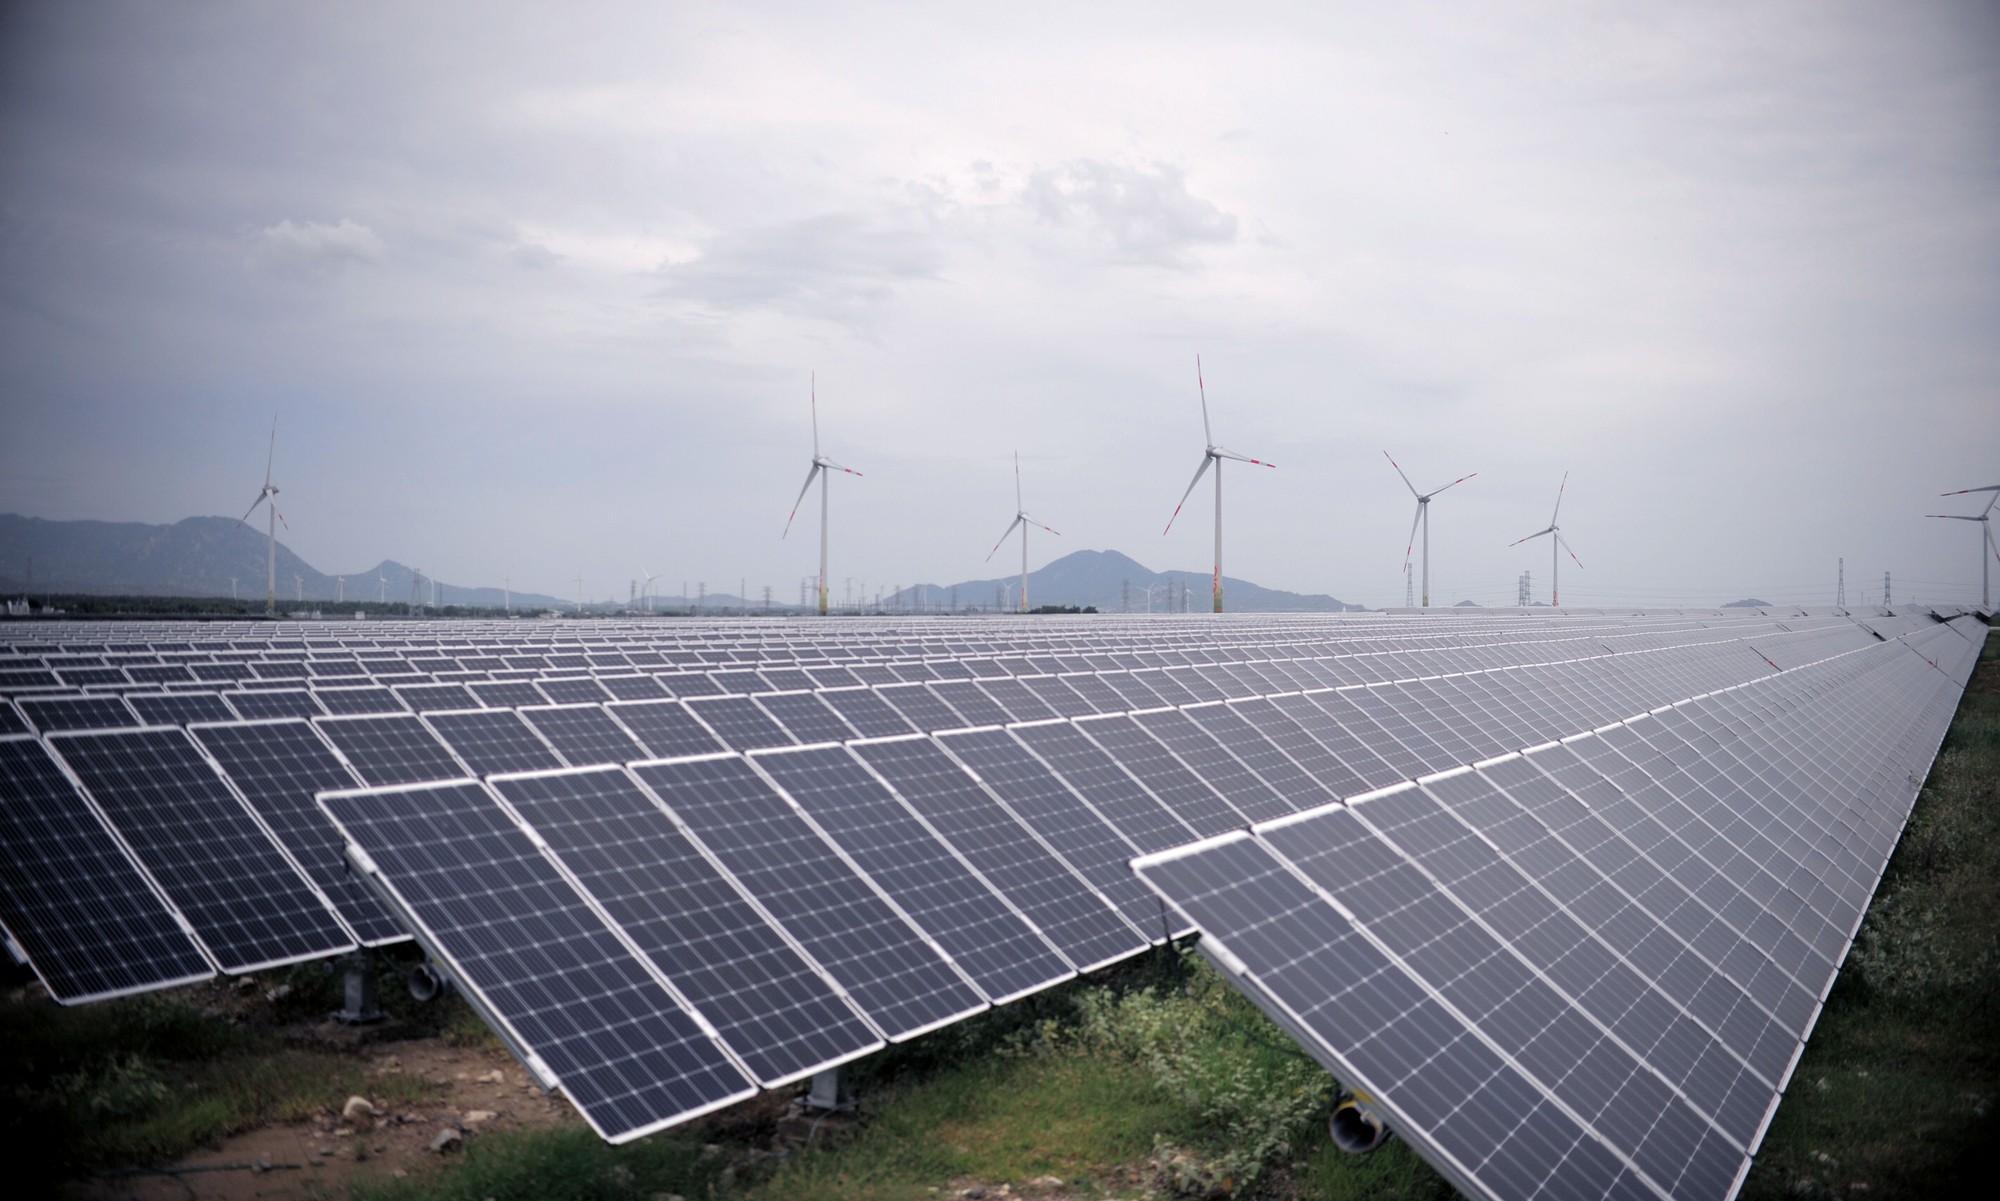 Thủ phủ điện mặt trời, điện gió Ninh Thuận có thể thiệt hại hàng nghìn tỉ đồng vì đường dây quá tải.